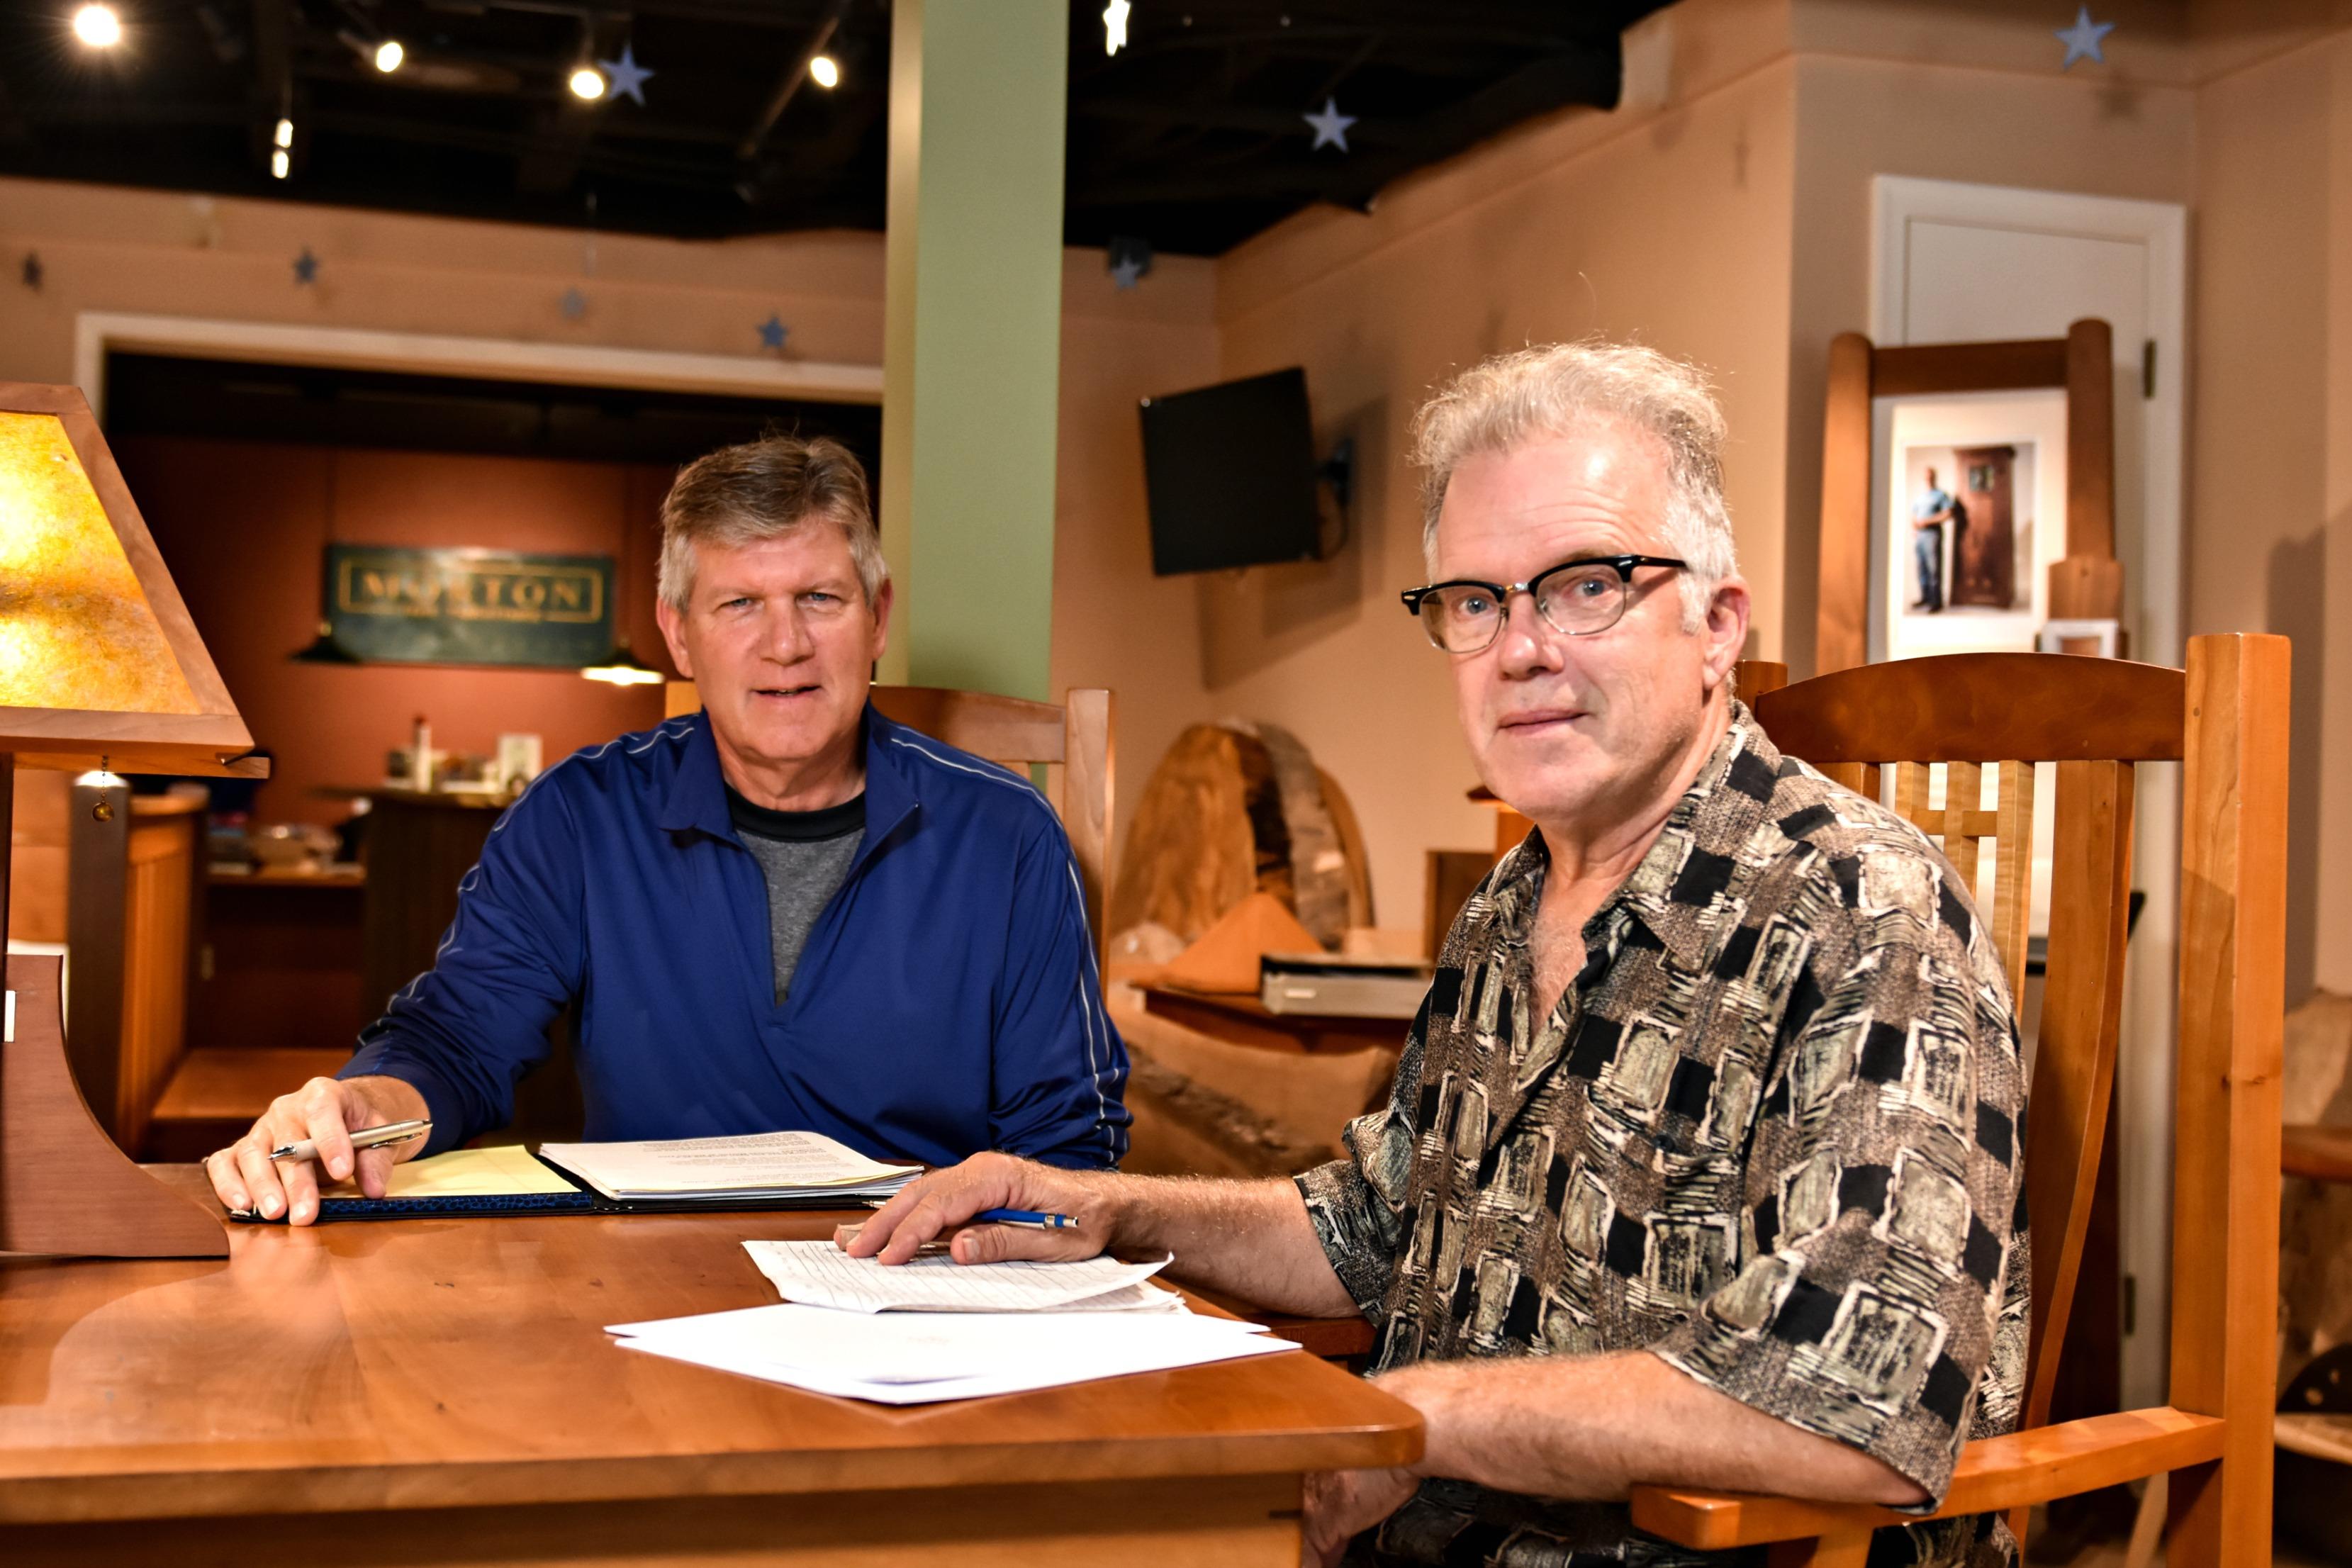 Thomas Morton with Jeff Eberts